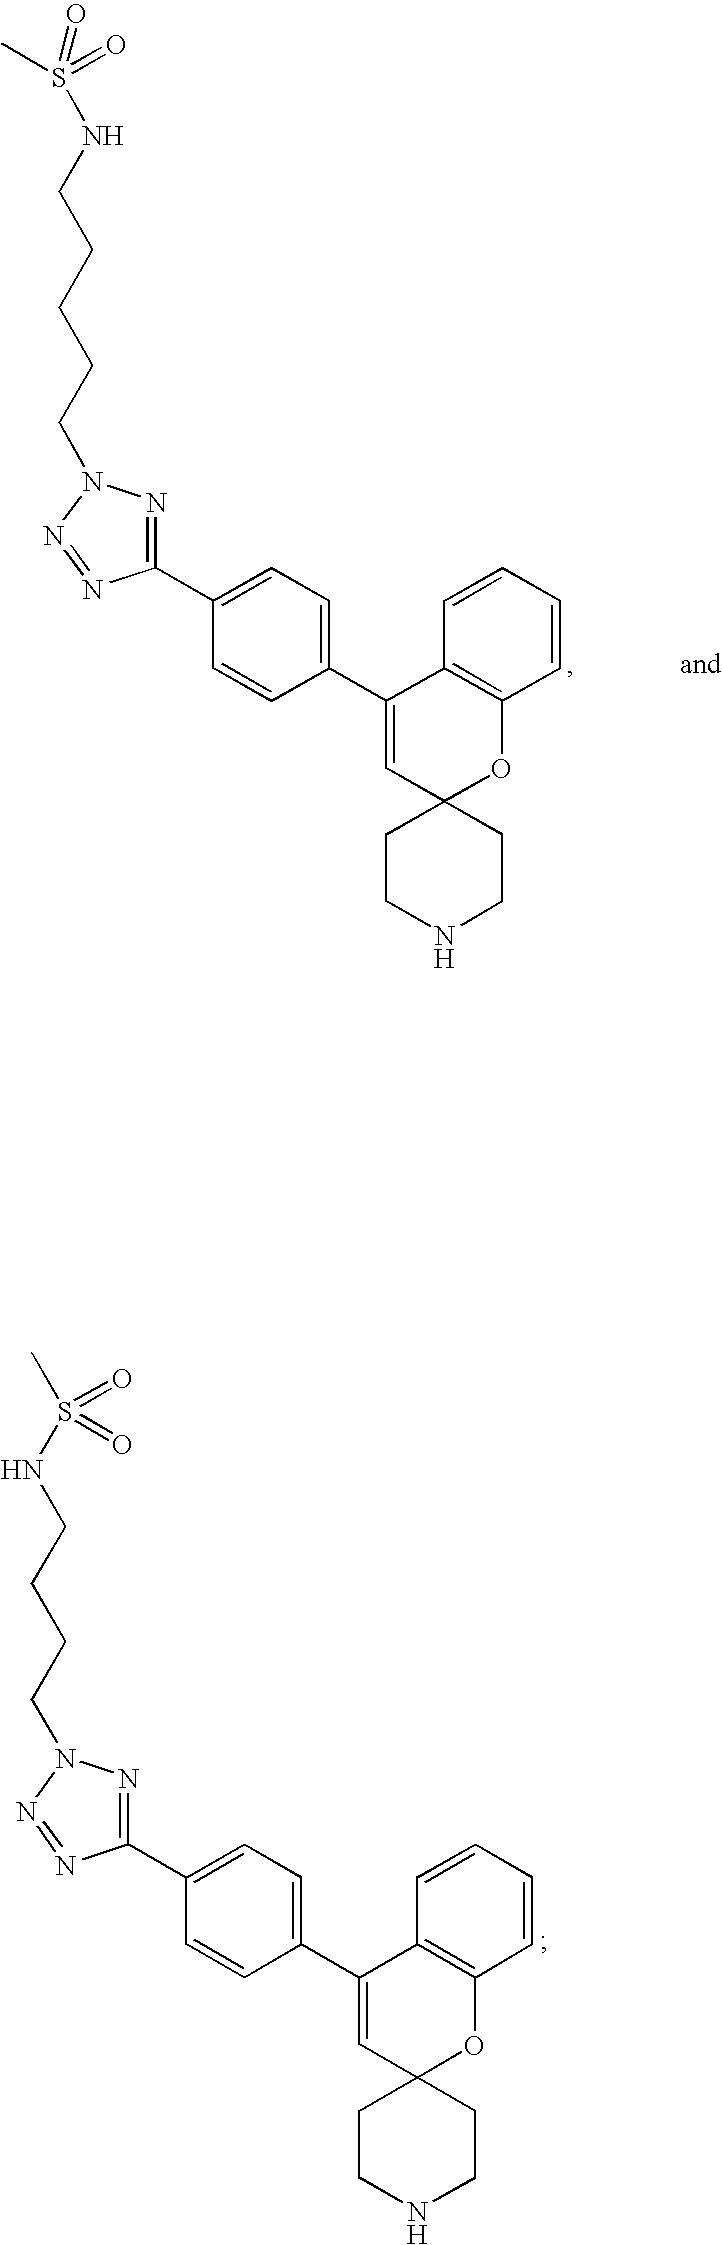 Figure US07598261-20091006-C00112